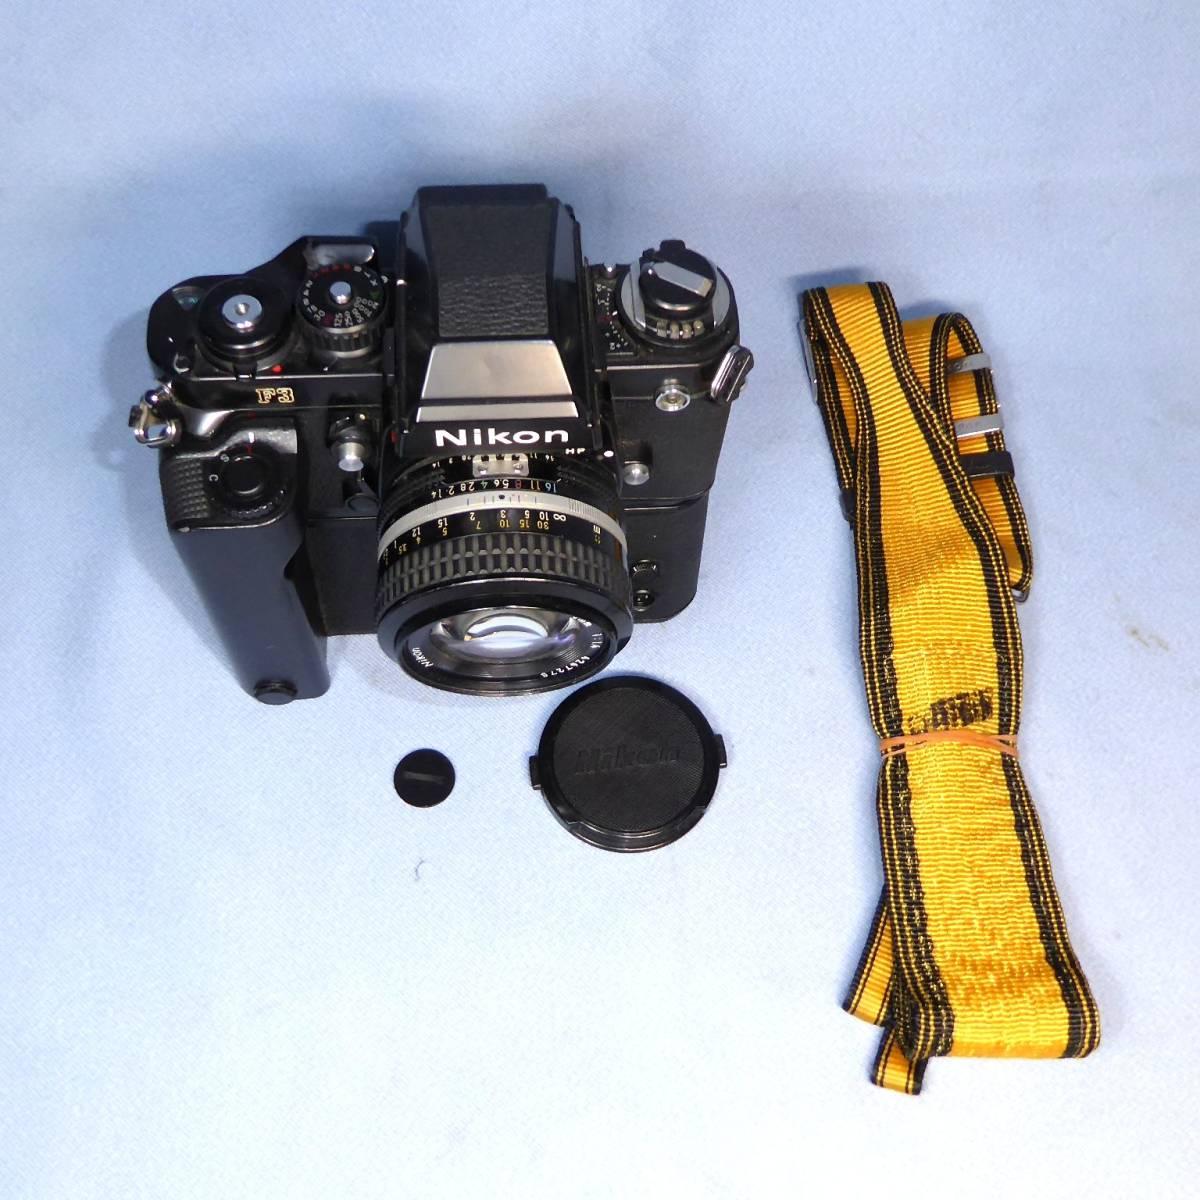 ★  綺麗  諸動作快調  ★   NIKON    F 3  HP   +   MD - 4   +   NIKKOR   50mm/F1.4   +  NIKON ストラップ _画像2